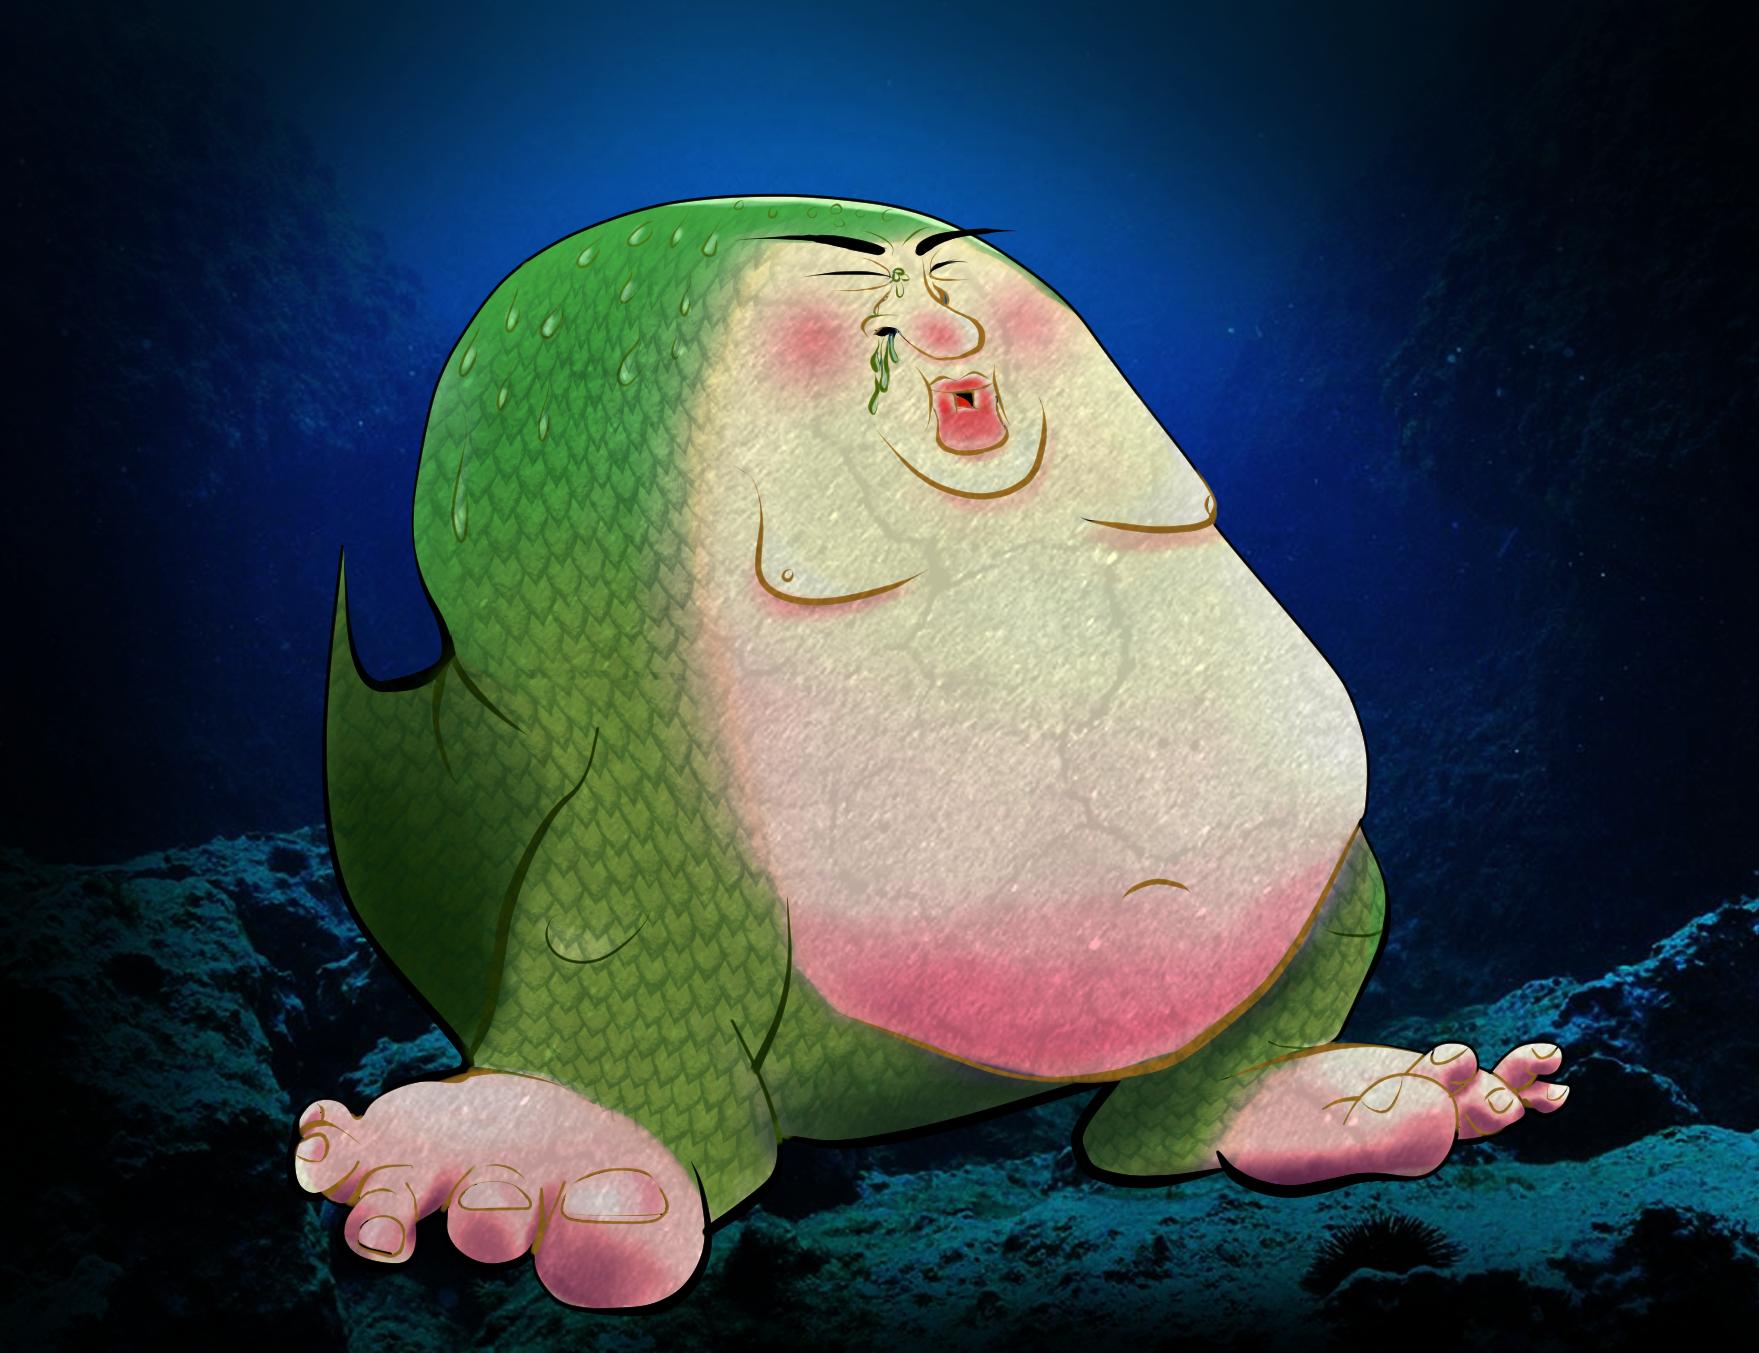 Mutant Amphibian